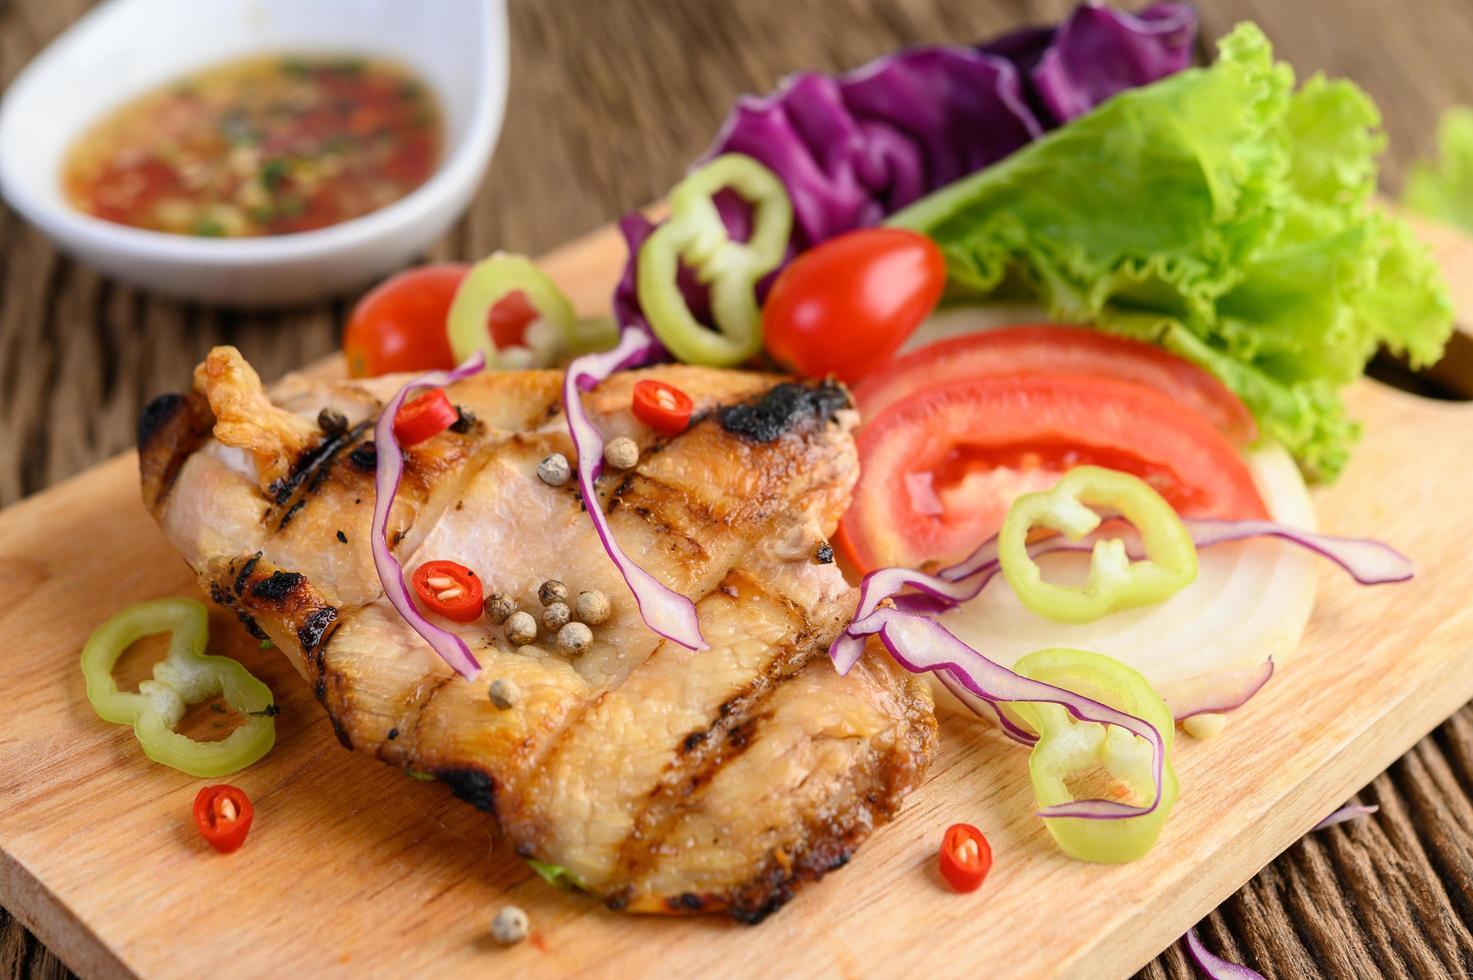 Pollo a la parrilla sobre una tabla para cortar madera con ensalada foto